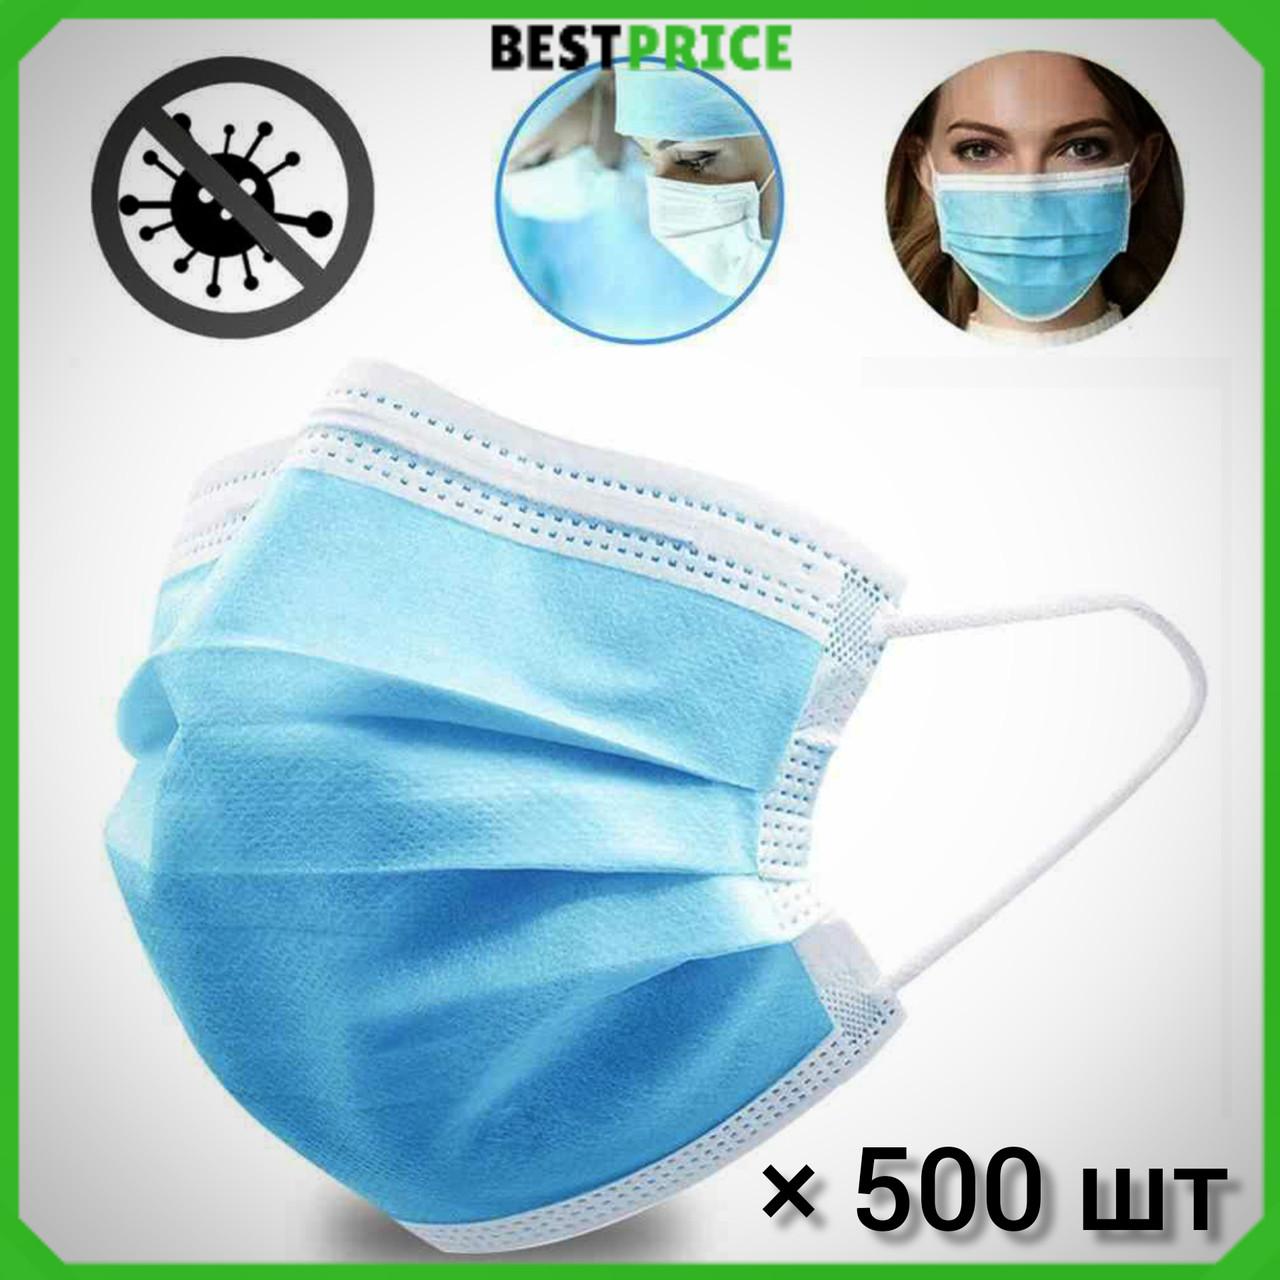 Захисні медичні тришарові маски, сині. Не шиті, паяні. Заводське виробництво. 500 шт